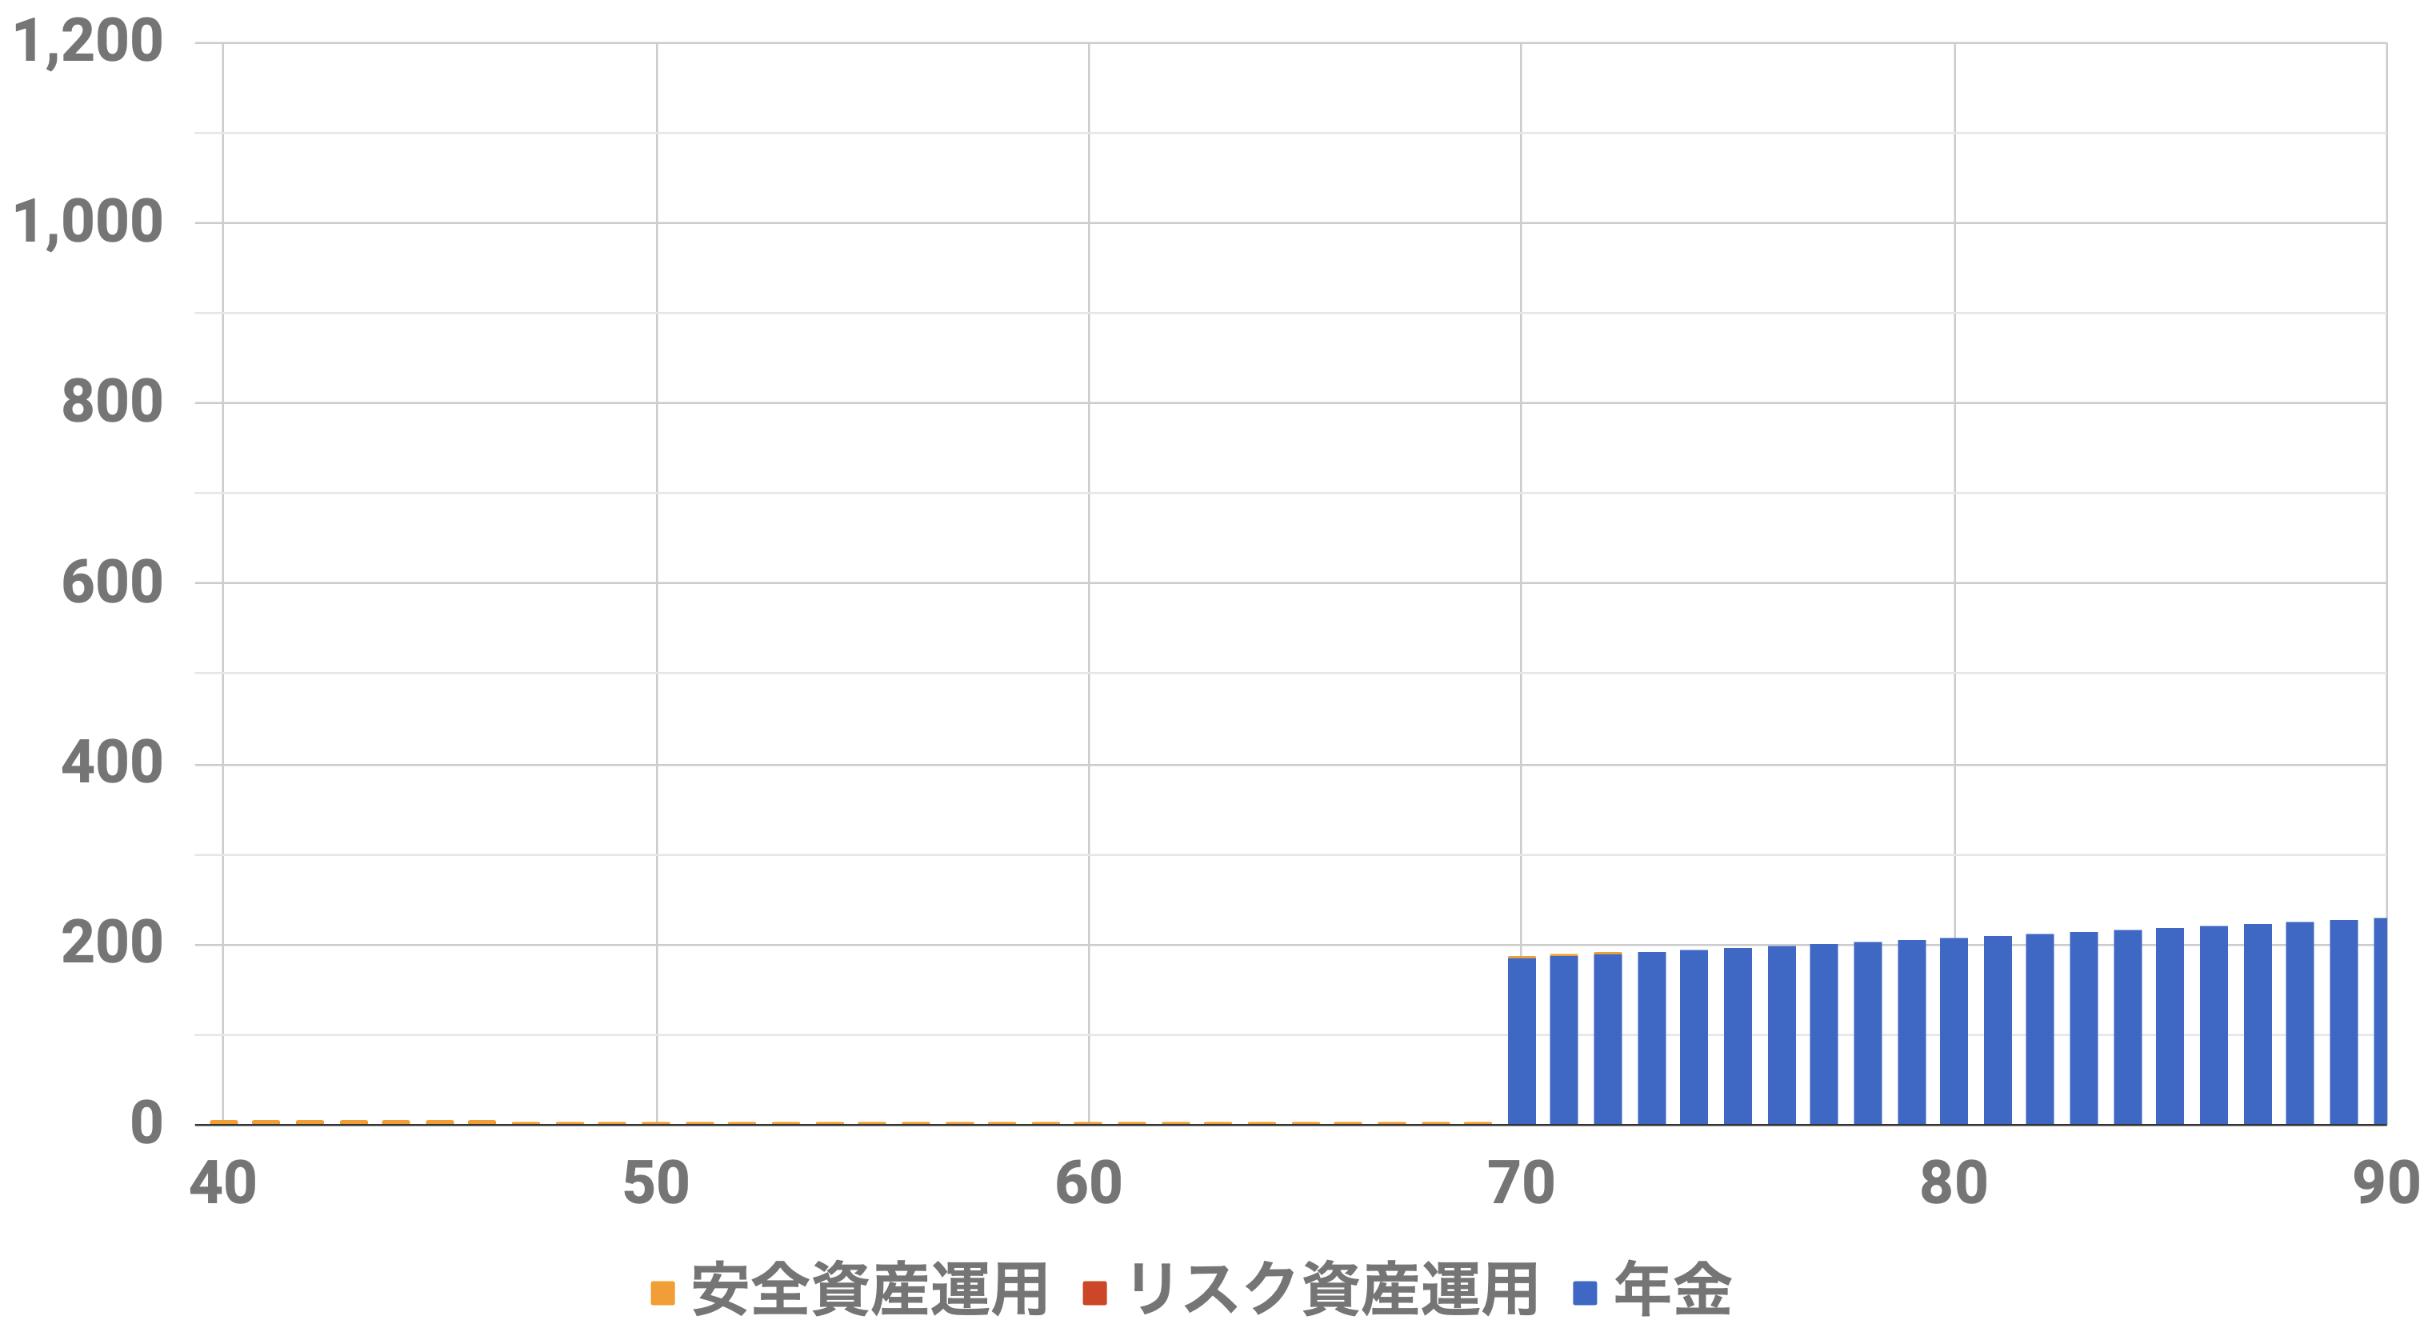 40歳9000万円収入シミュレーション(Level2)インフレ率2%安全資産運用